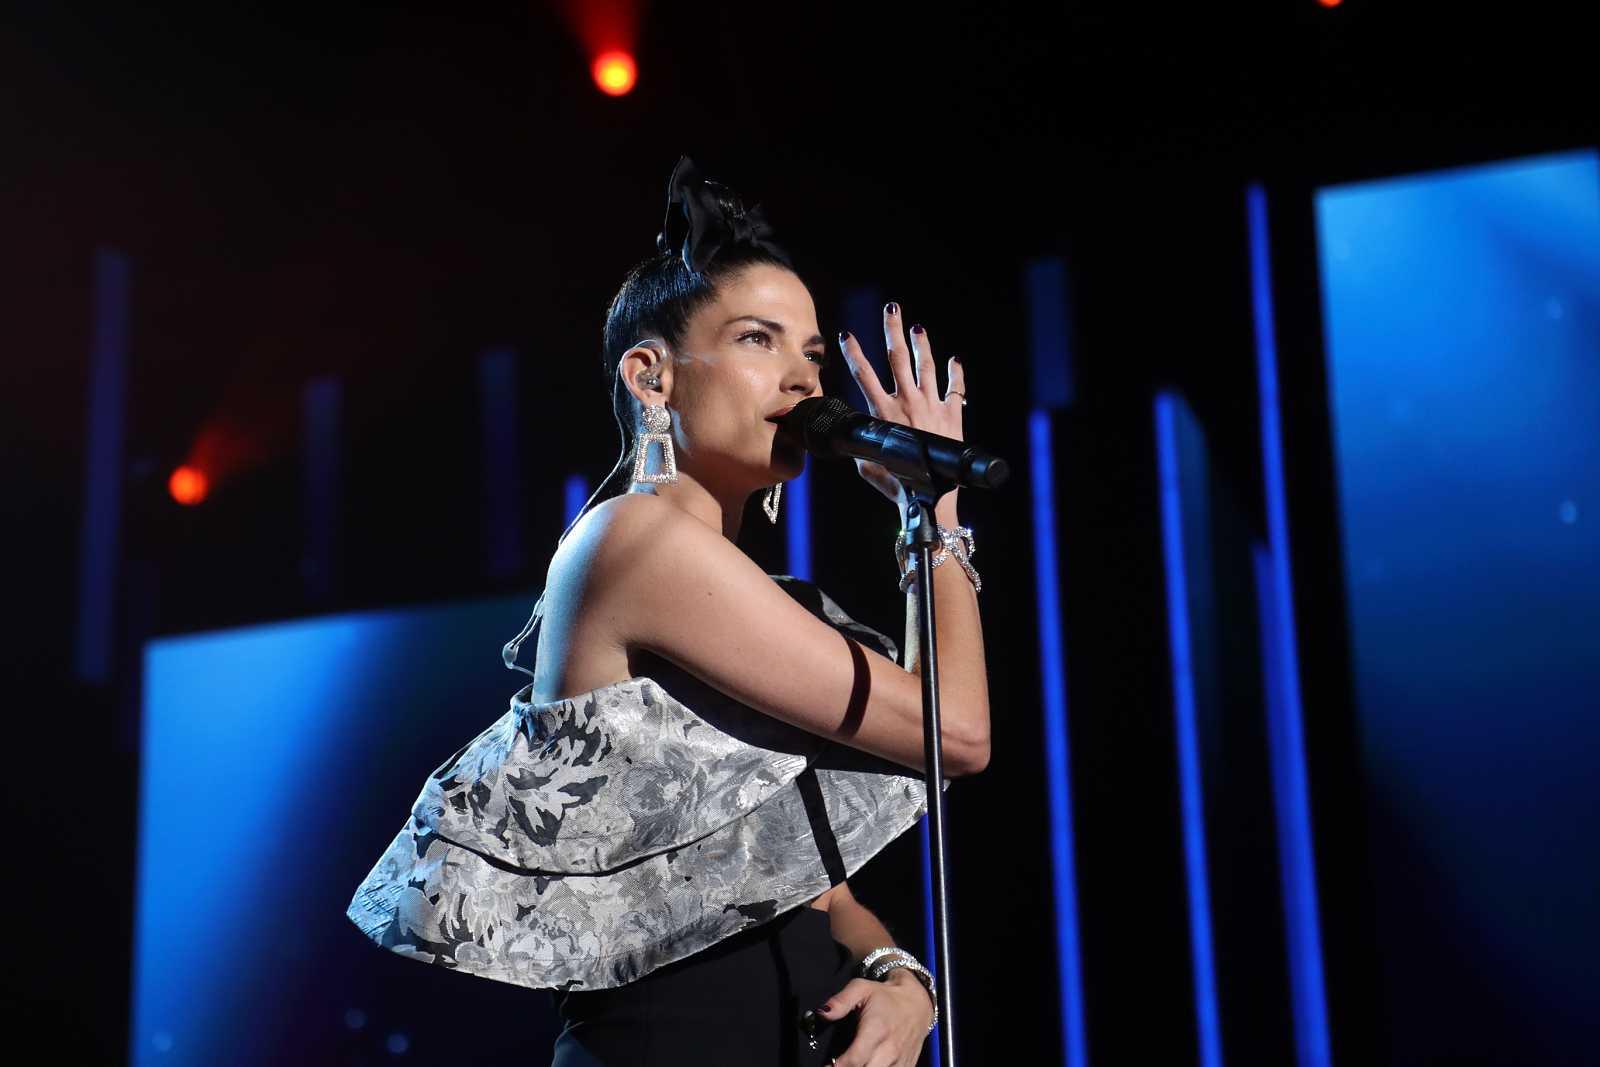 """Natalia Jiménez canta """"El lado izquierdo de la cama"""", de Gala, en la Gala 12 de Operación Triunfo 2020"""